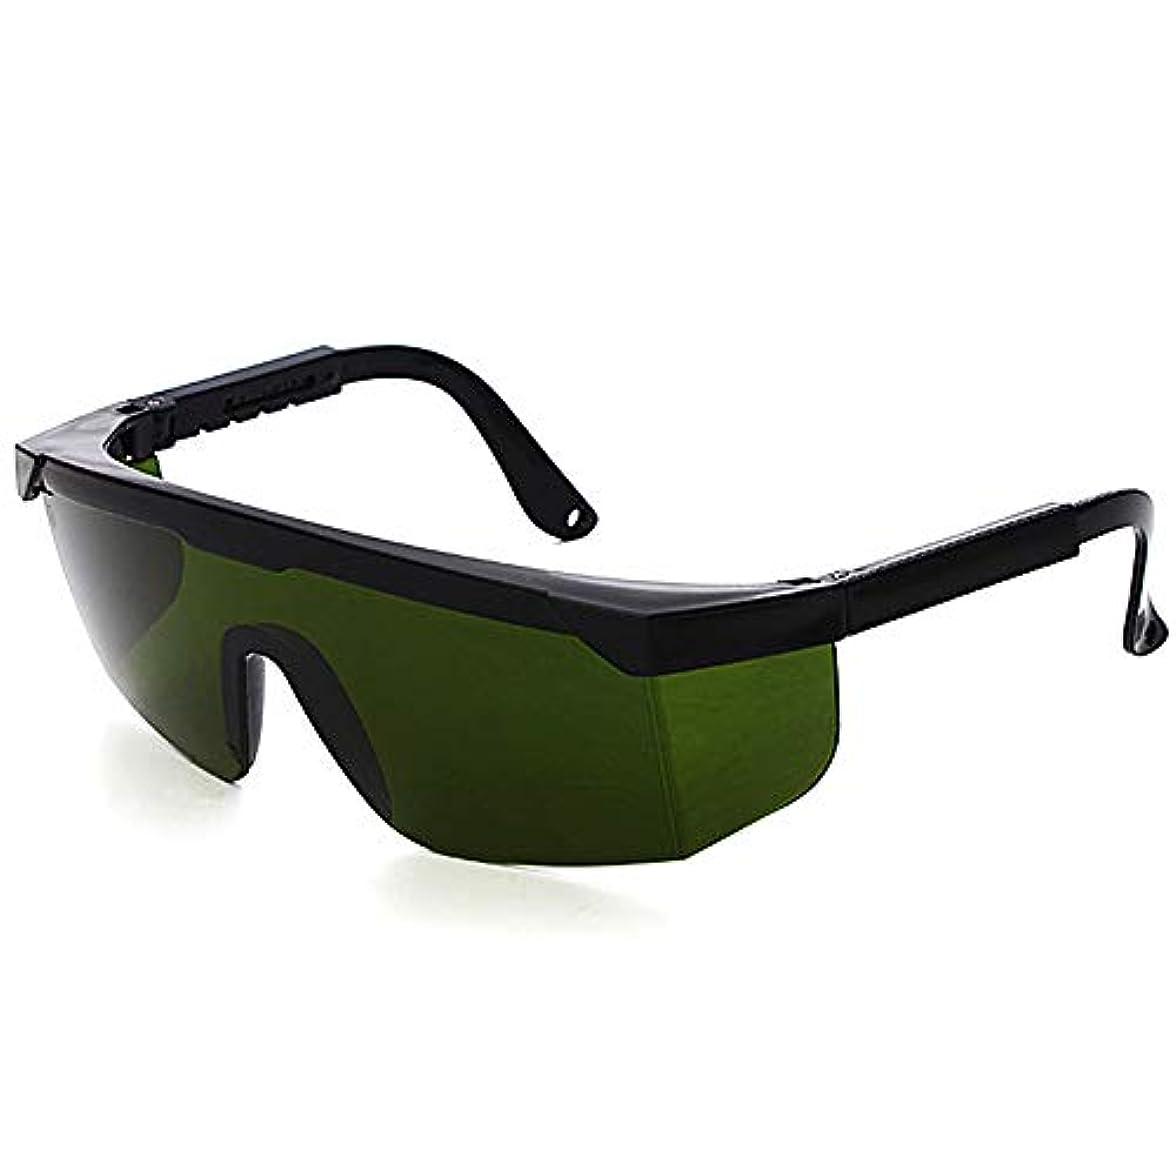 やるラック徹底Jiayaofu レーザー保護メガネIPL美容機器メガネレーザーペアIPLメガネ、安全メガネ